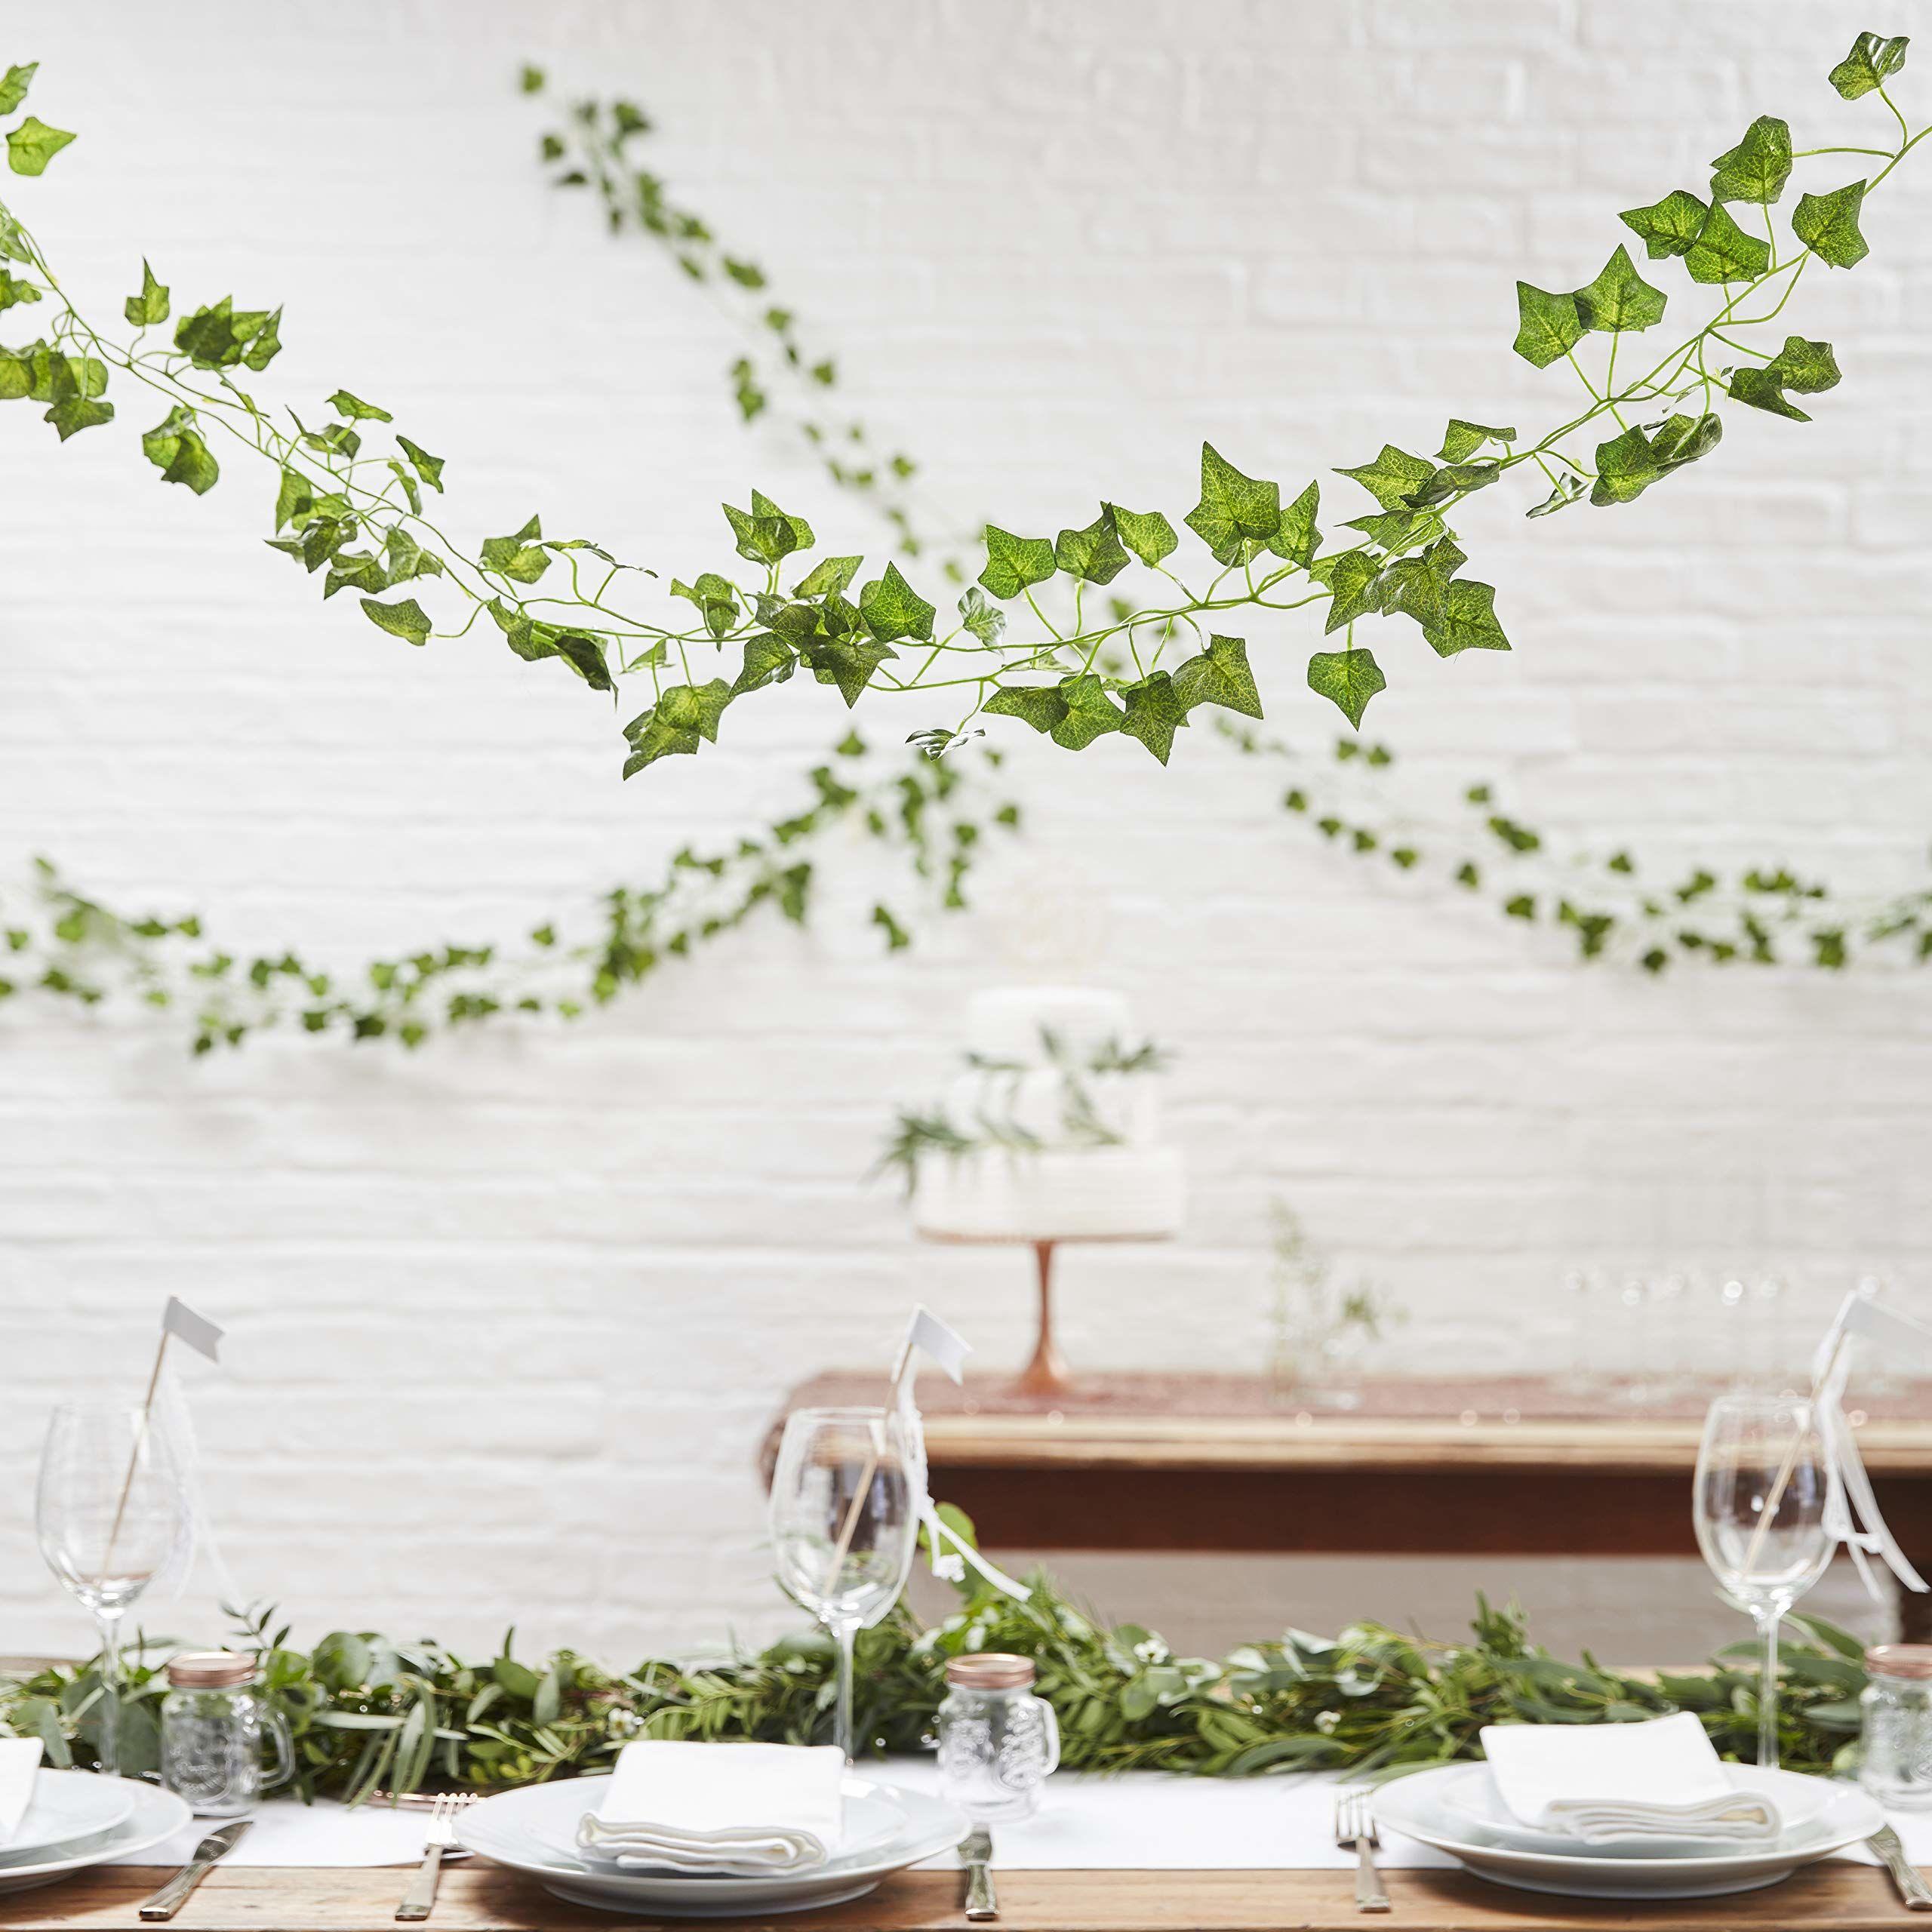 Ginger Ray Sztuczne sztuczne wiszące winorośli rośliny liście girlanda do dekoracji ślubnych 5-pak